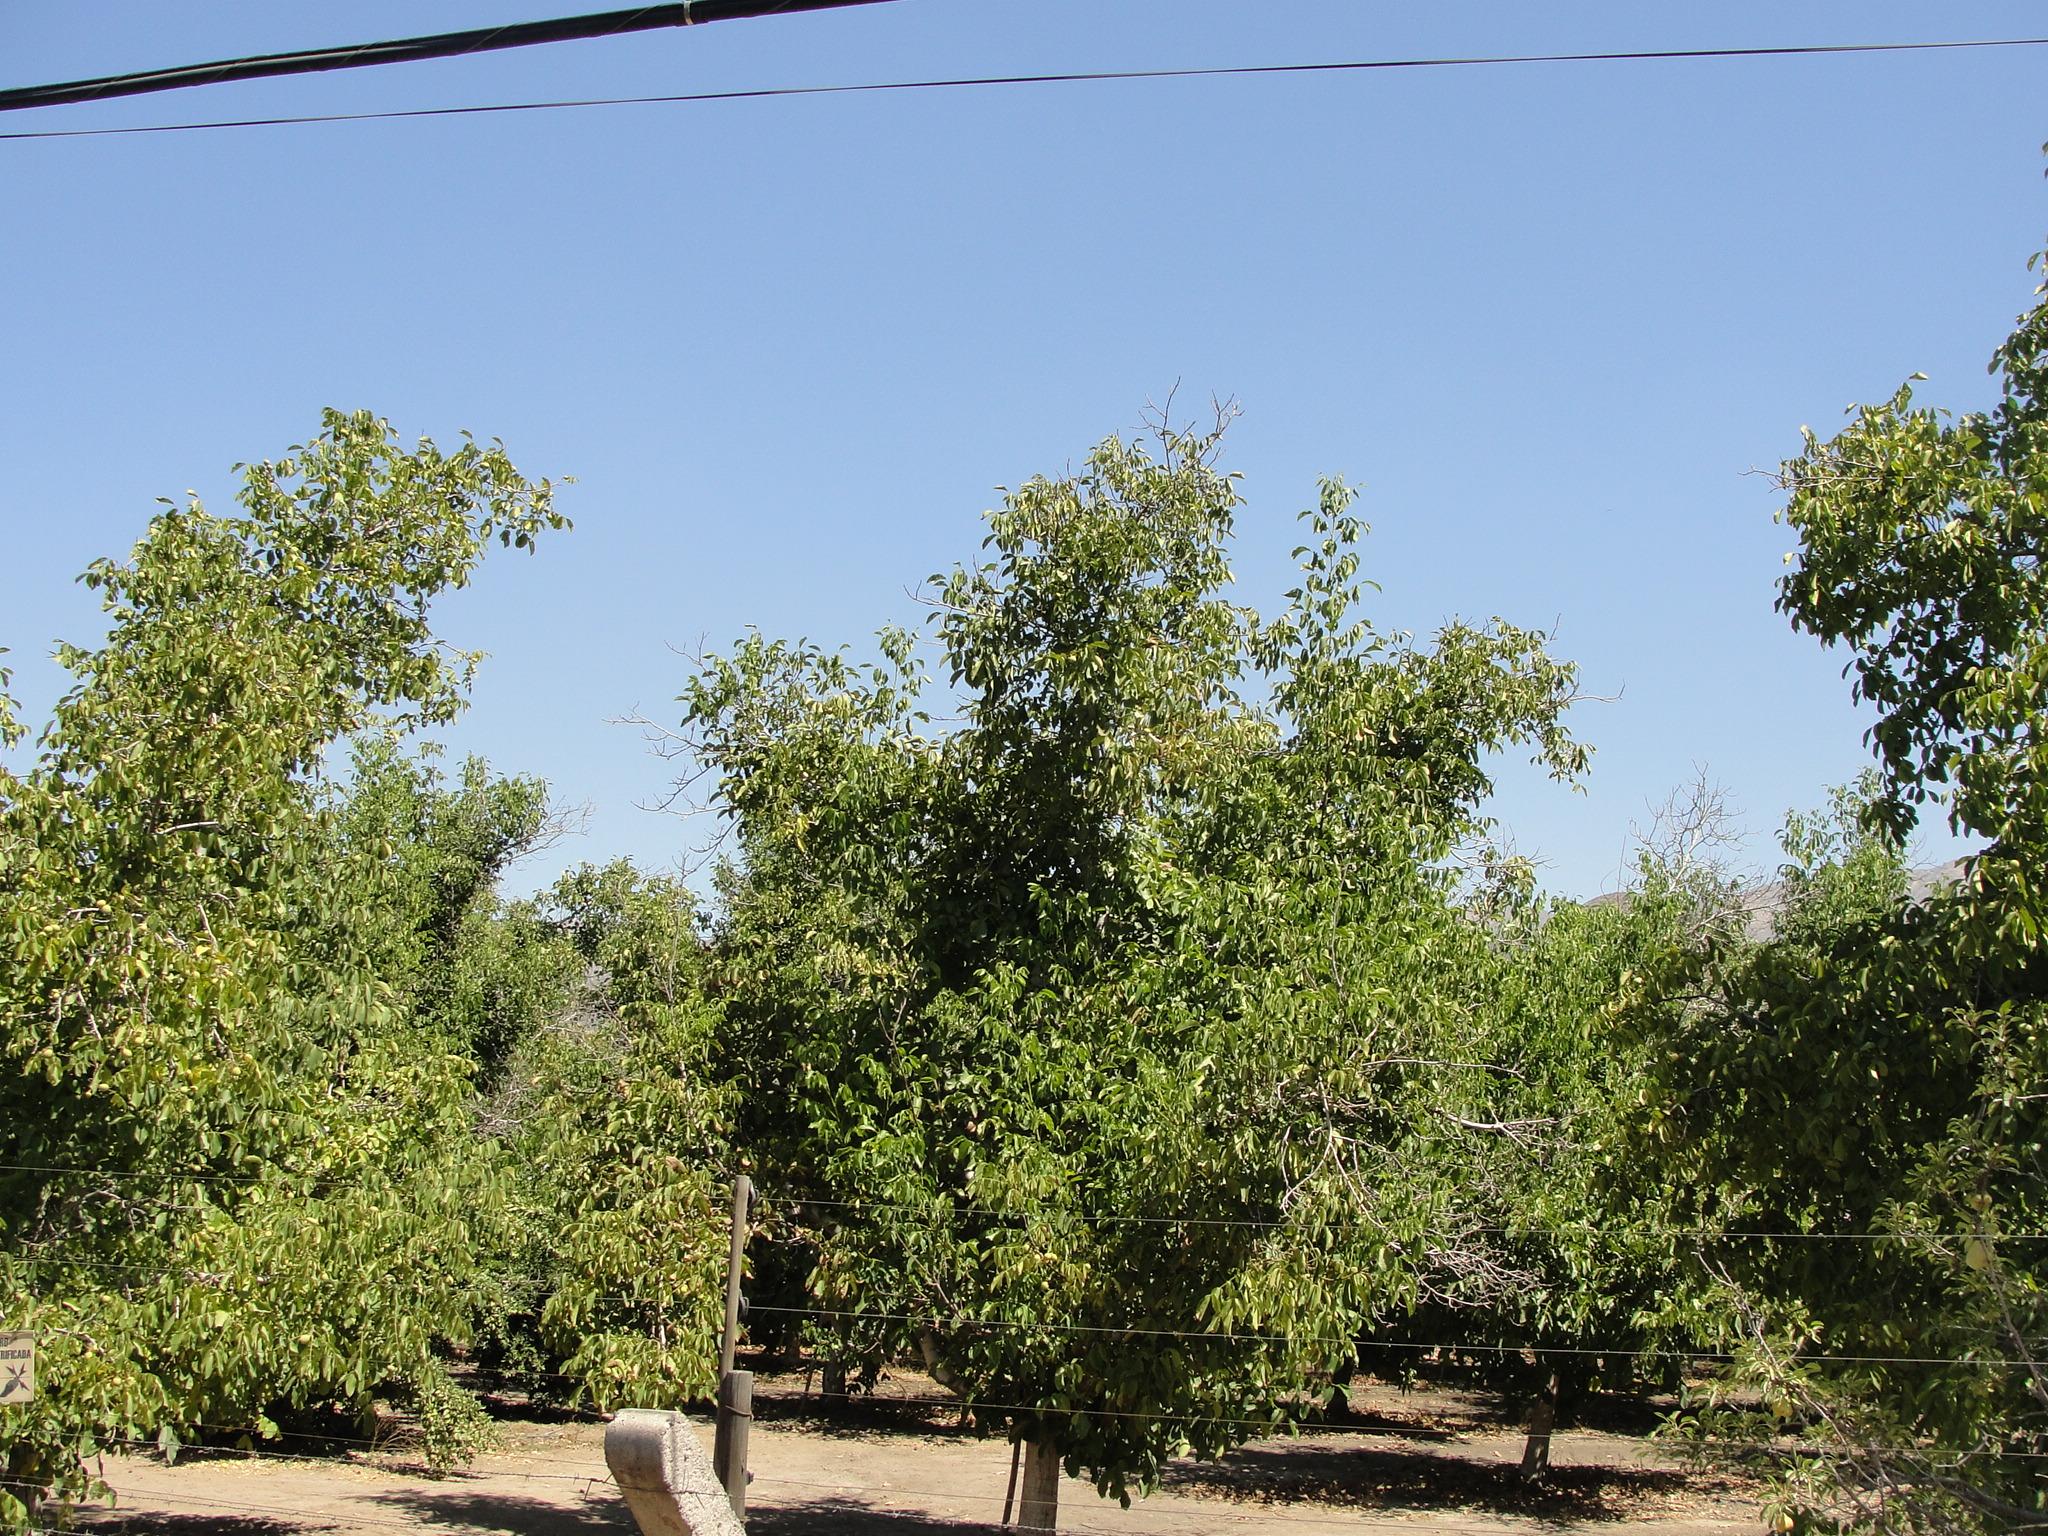 Productores de nueces obtendrían mejores resultados con una mejor gestión del agua